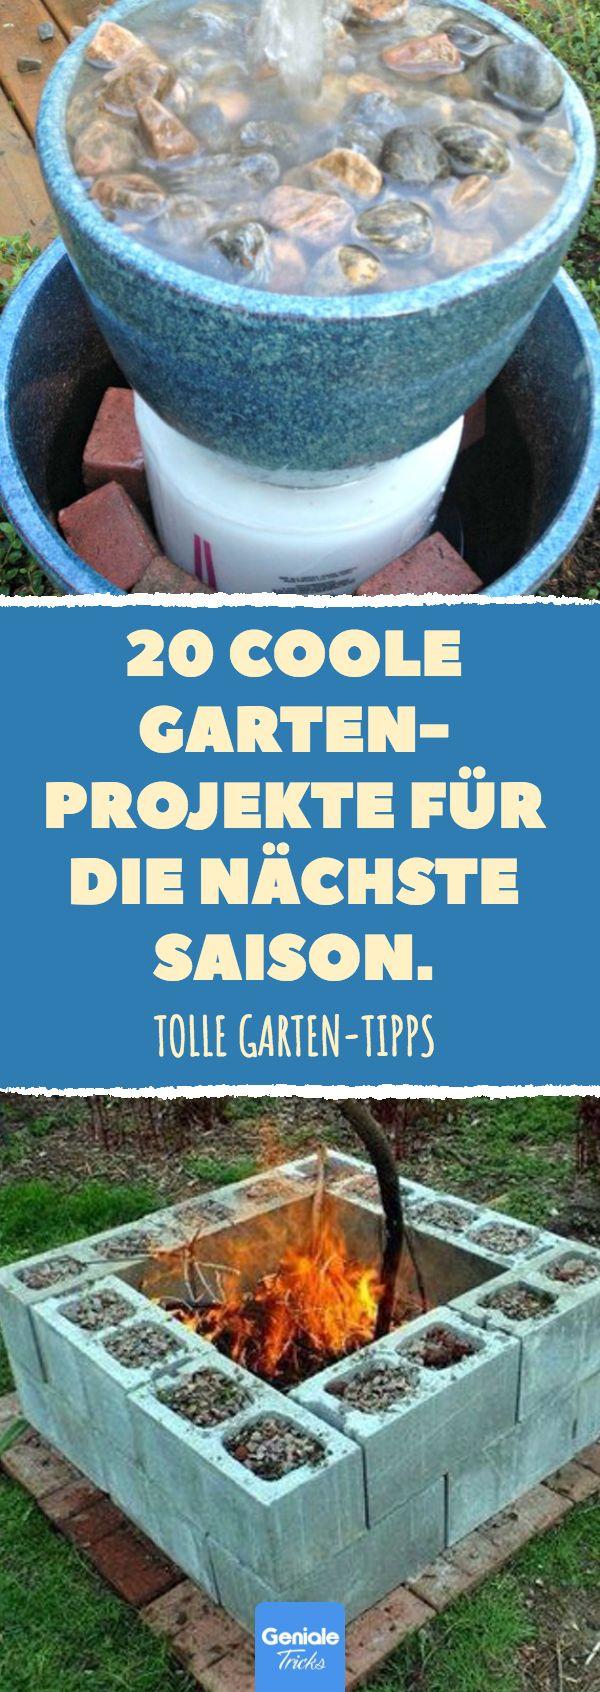 20 coole Gartenprojekte für die nächste Saison.